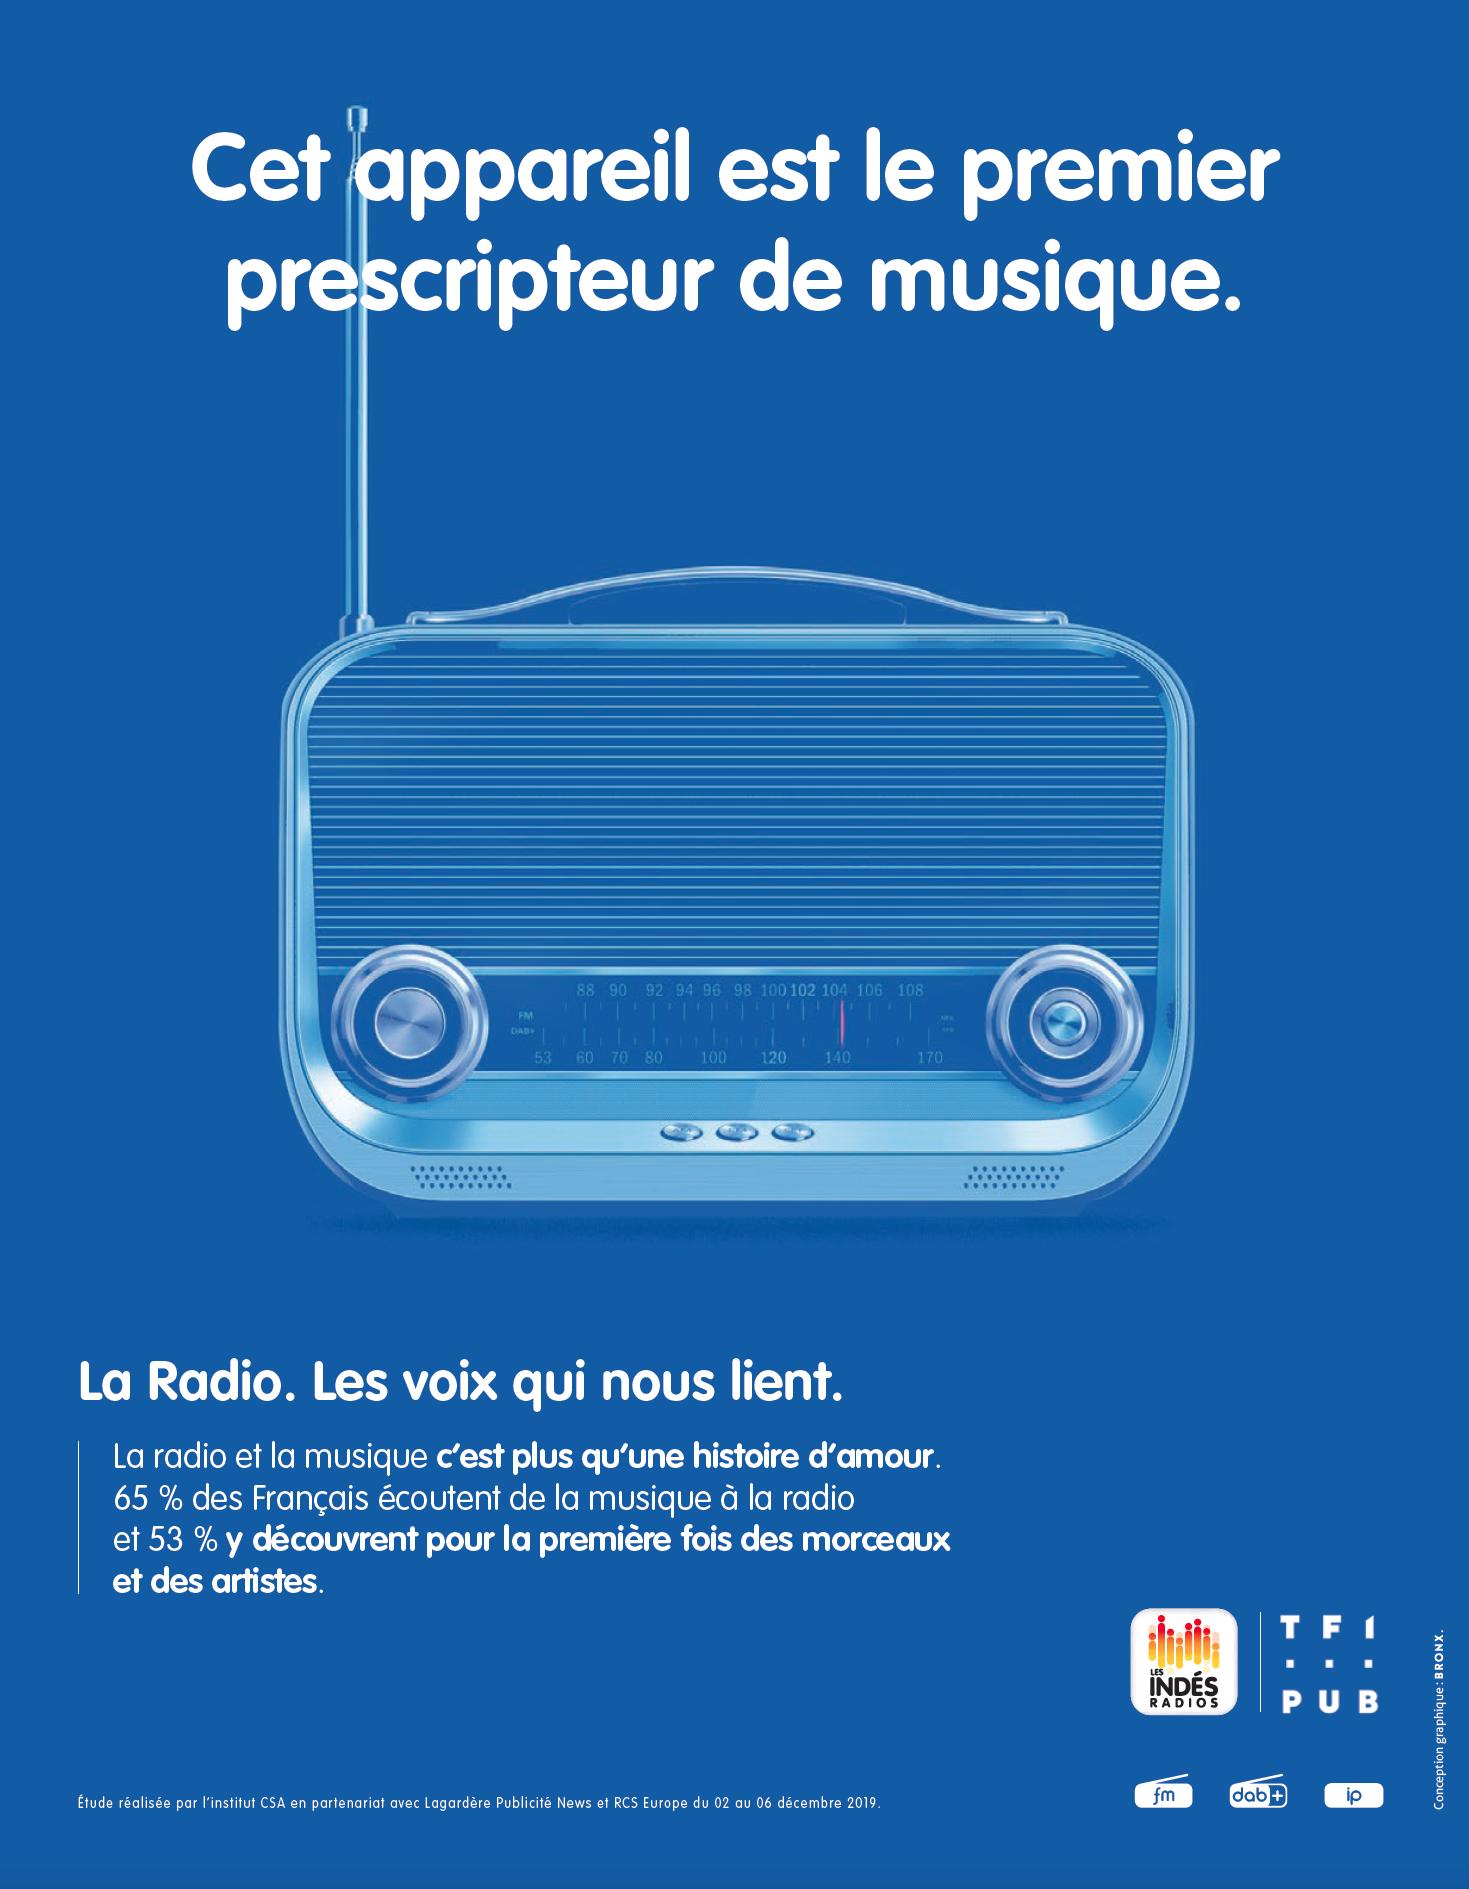 Les Indés Radios en campagne pour promouvoir la radio